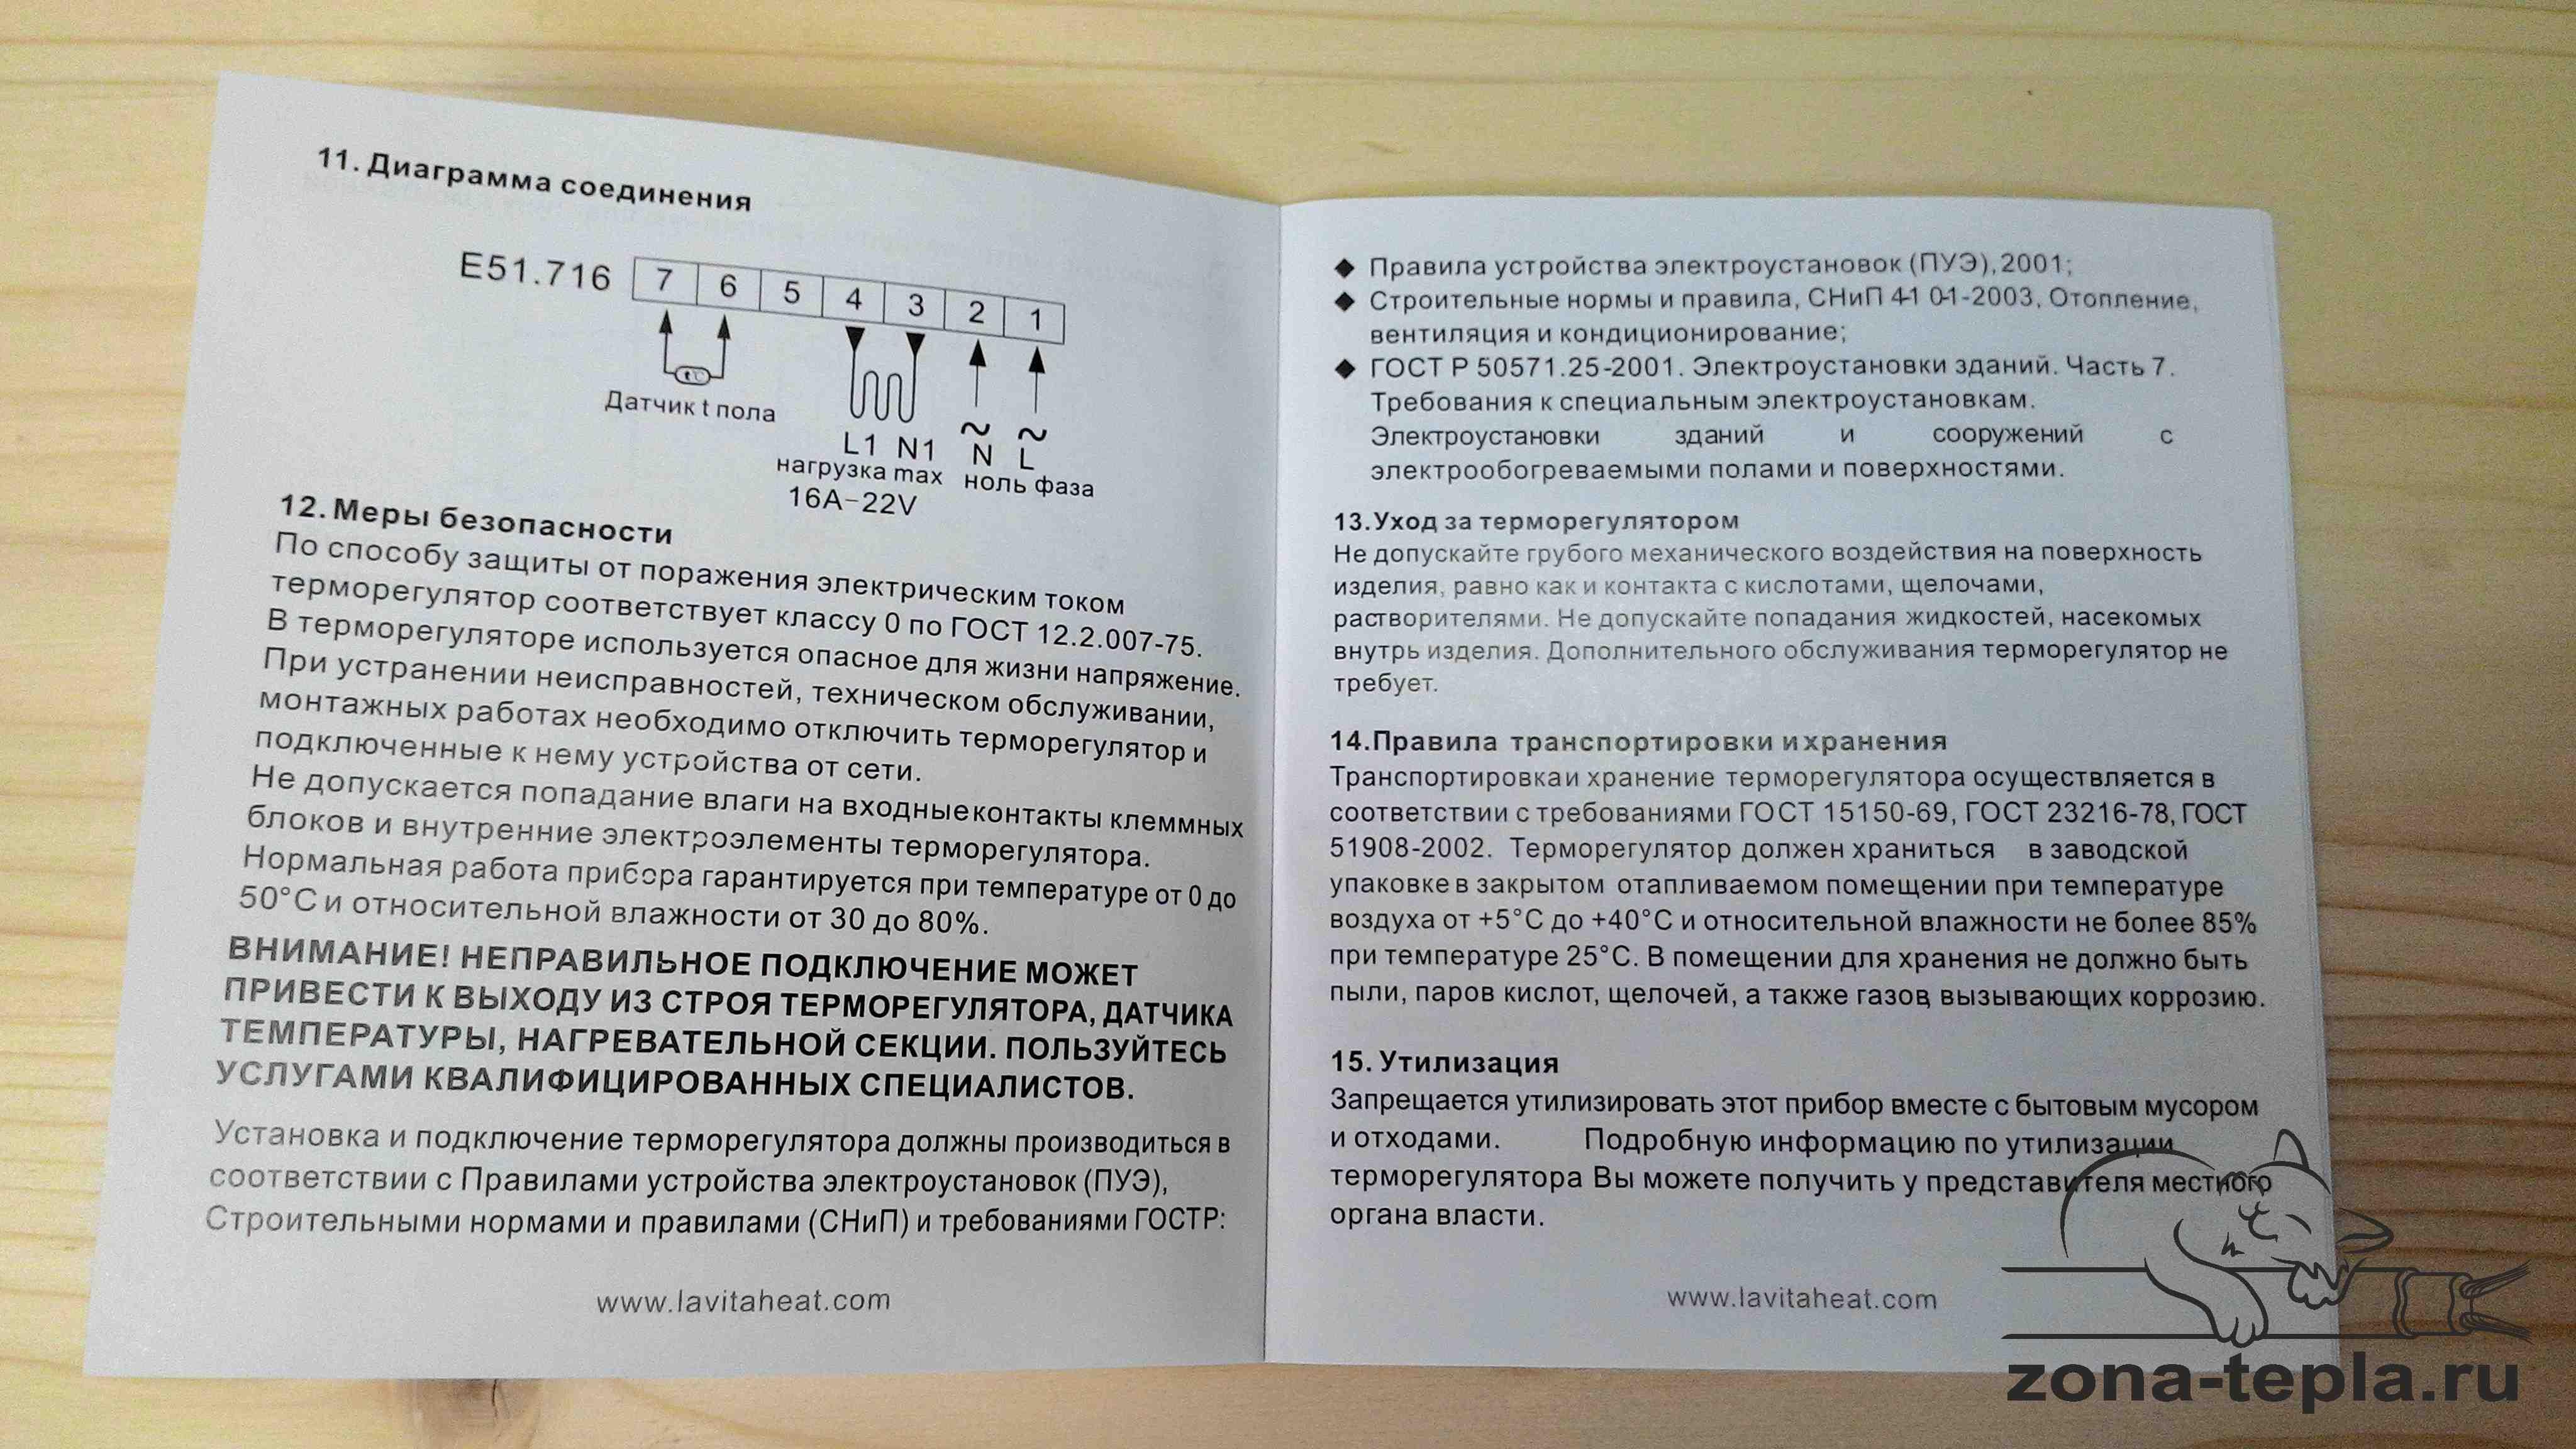 Терморегулятор для теплого пола Lavita E51.716 инструкция стр 5